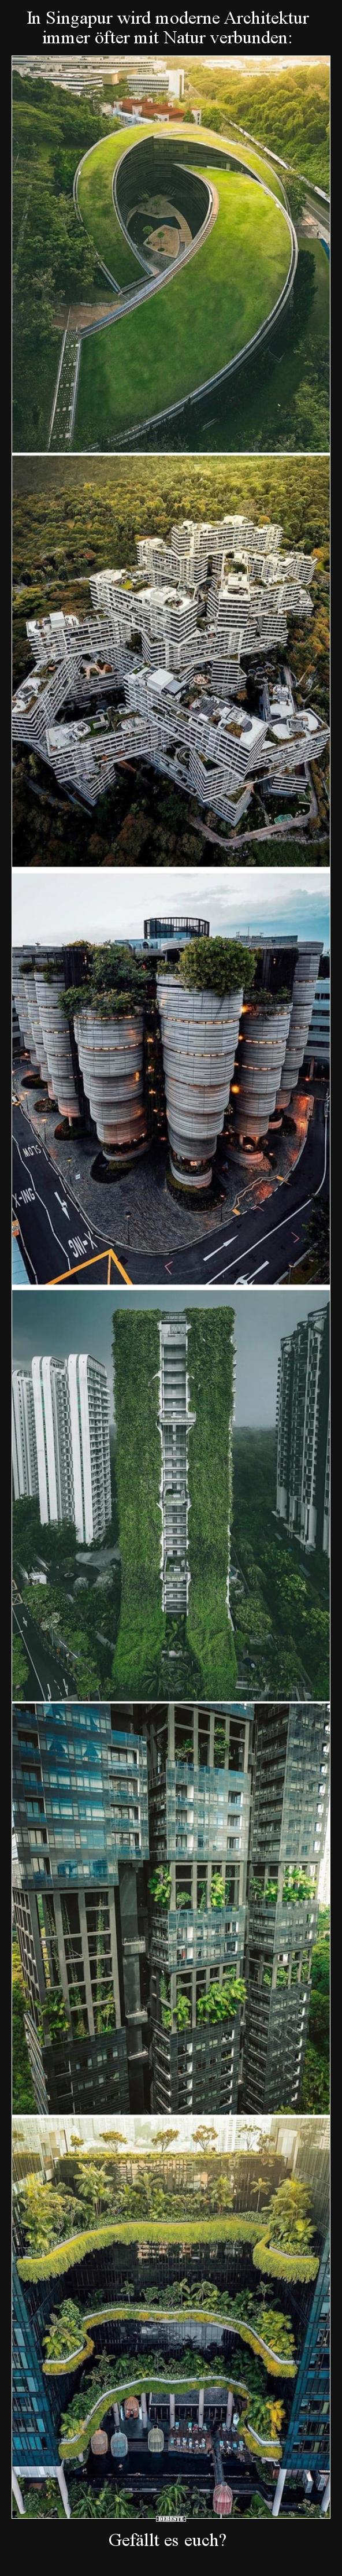 In Singapur Wird Moderne Architektur Immer öfter Mit Natur.